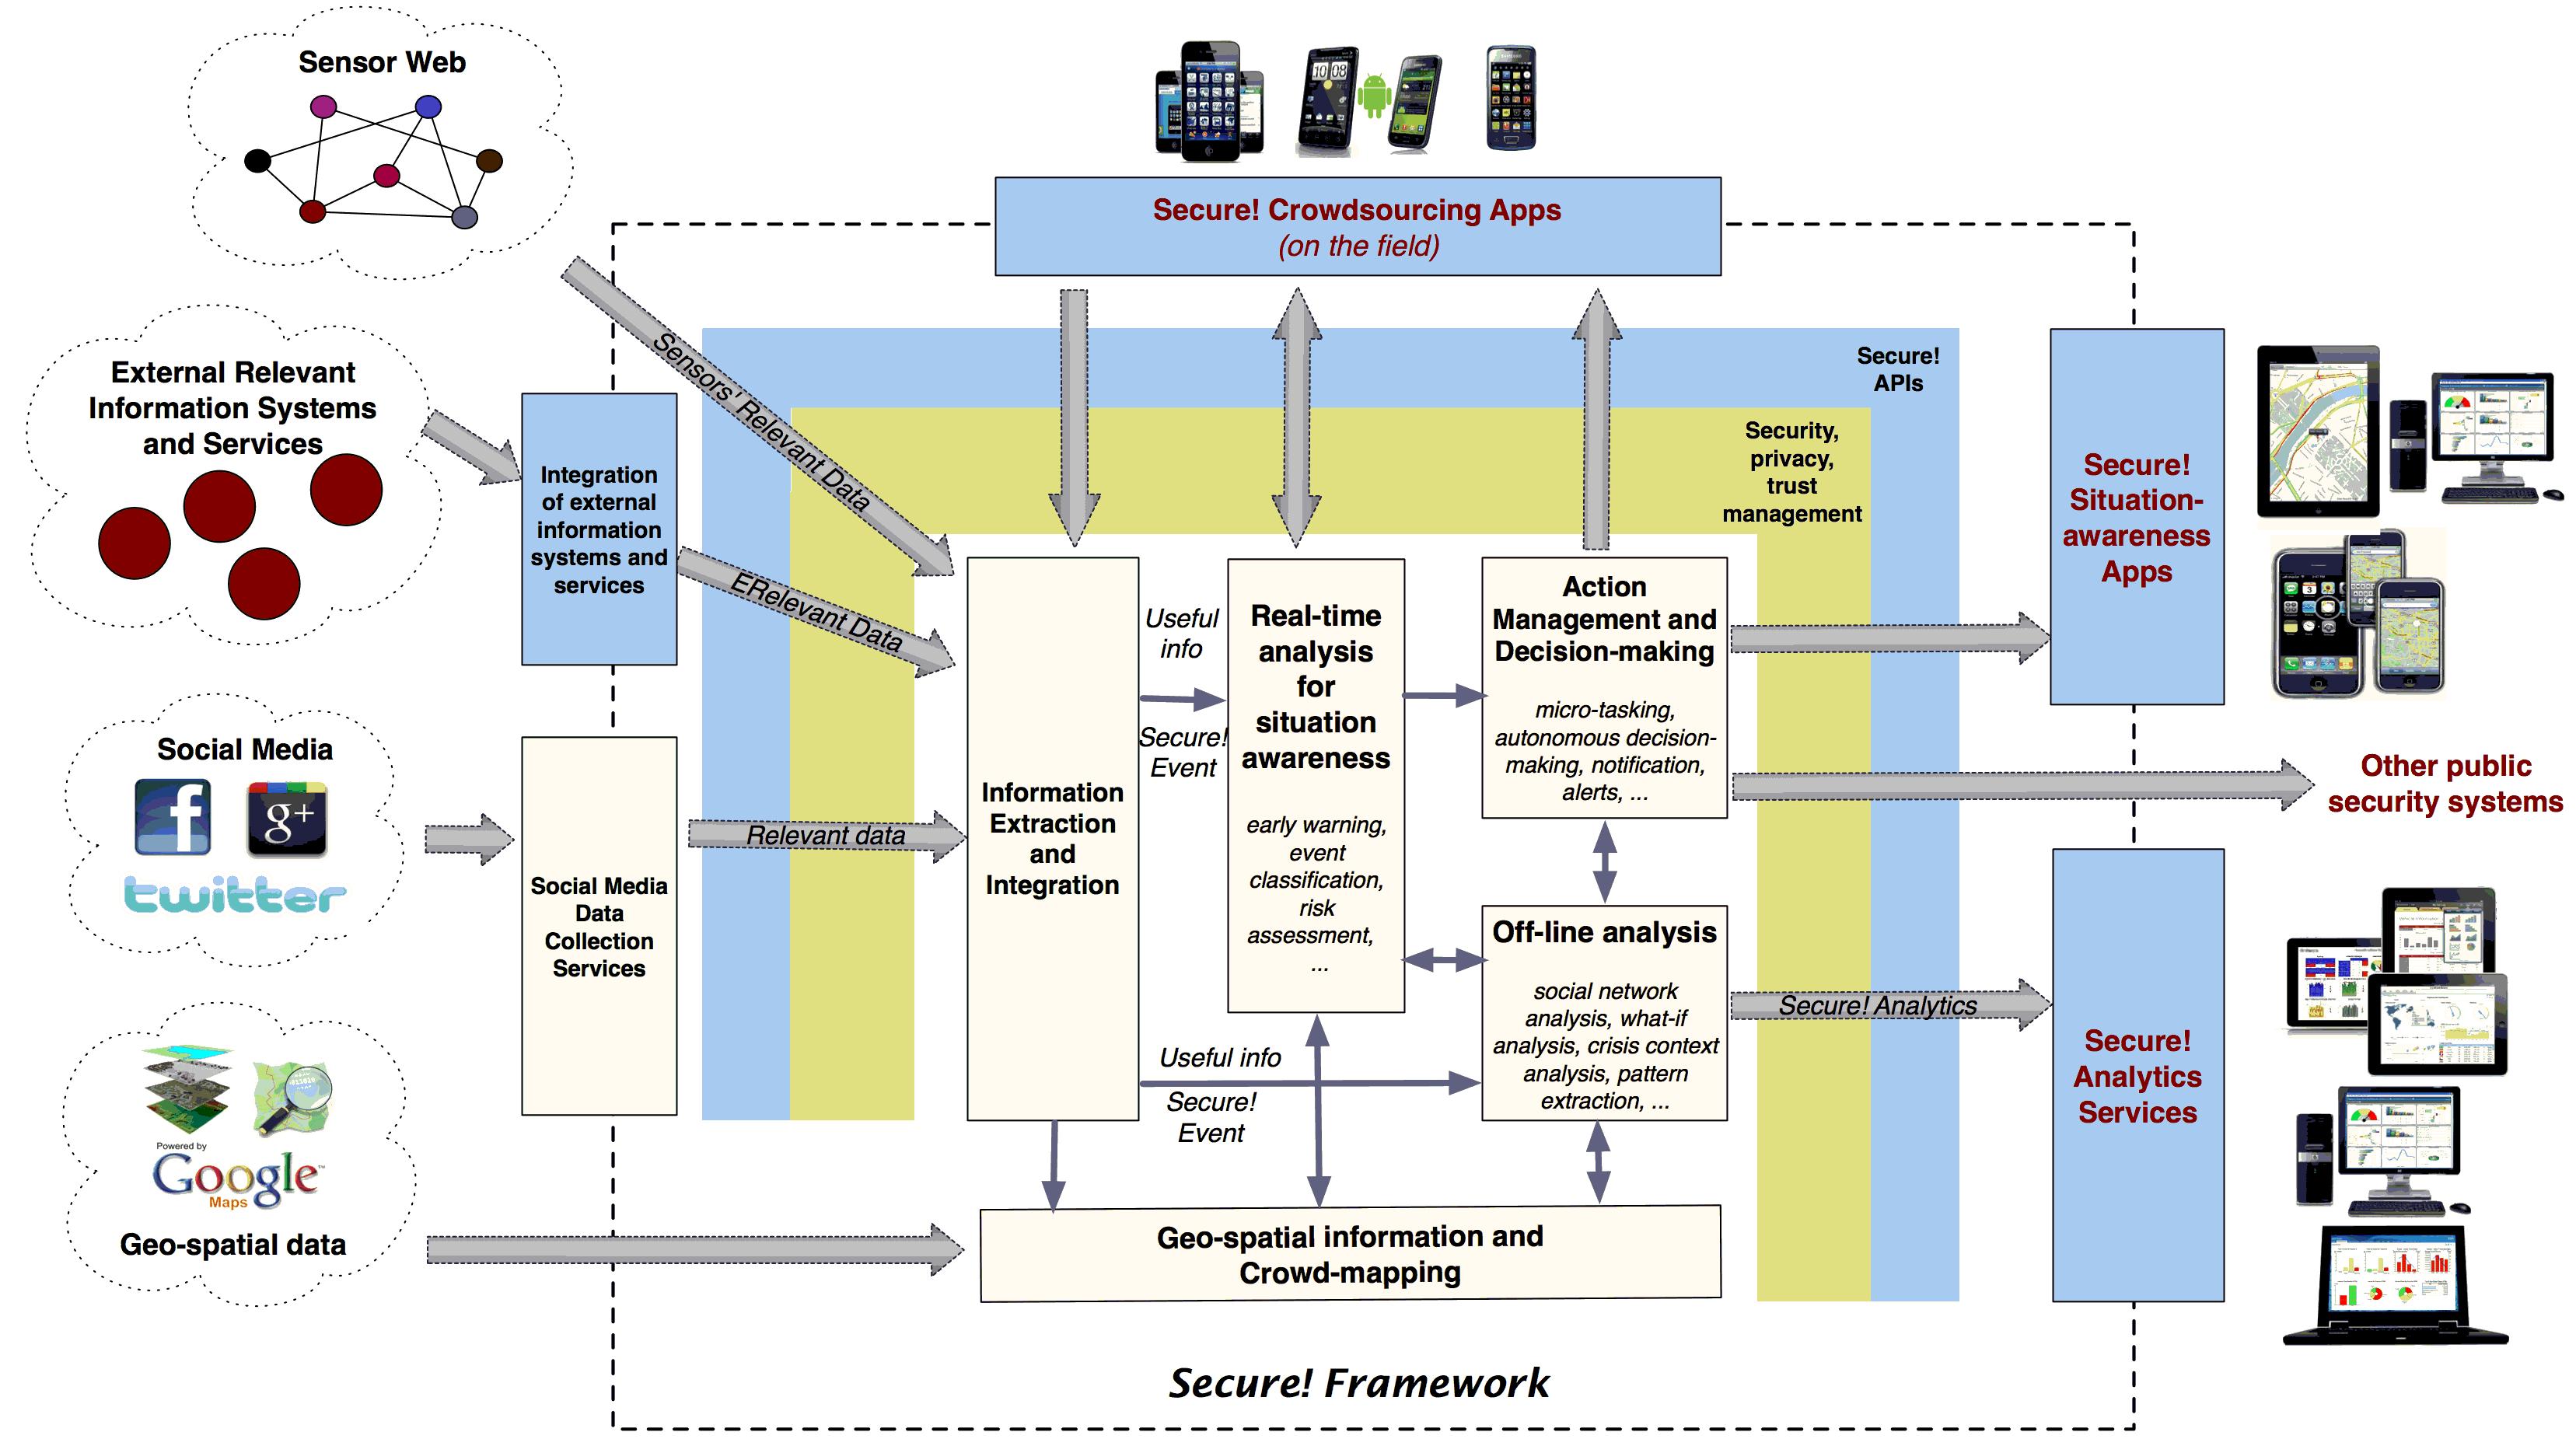 Secure! Framework